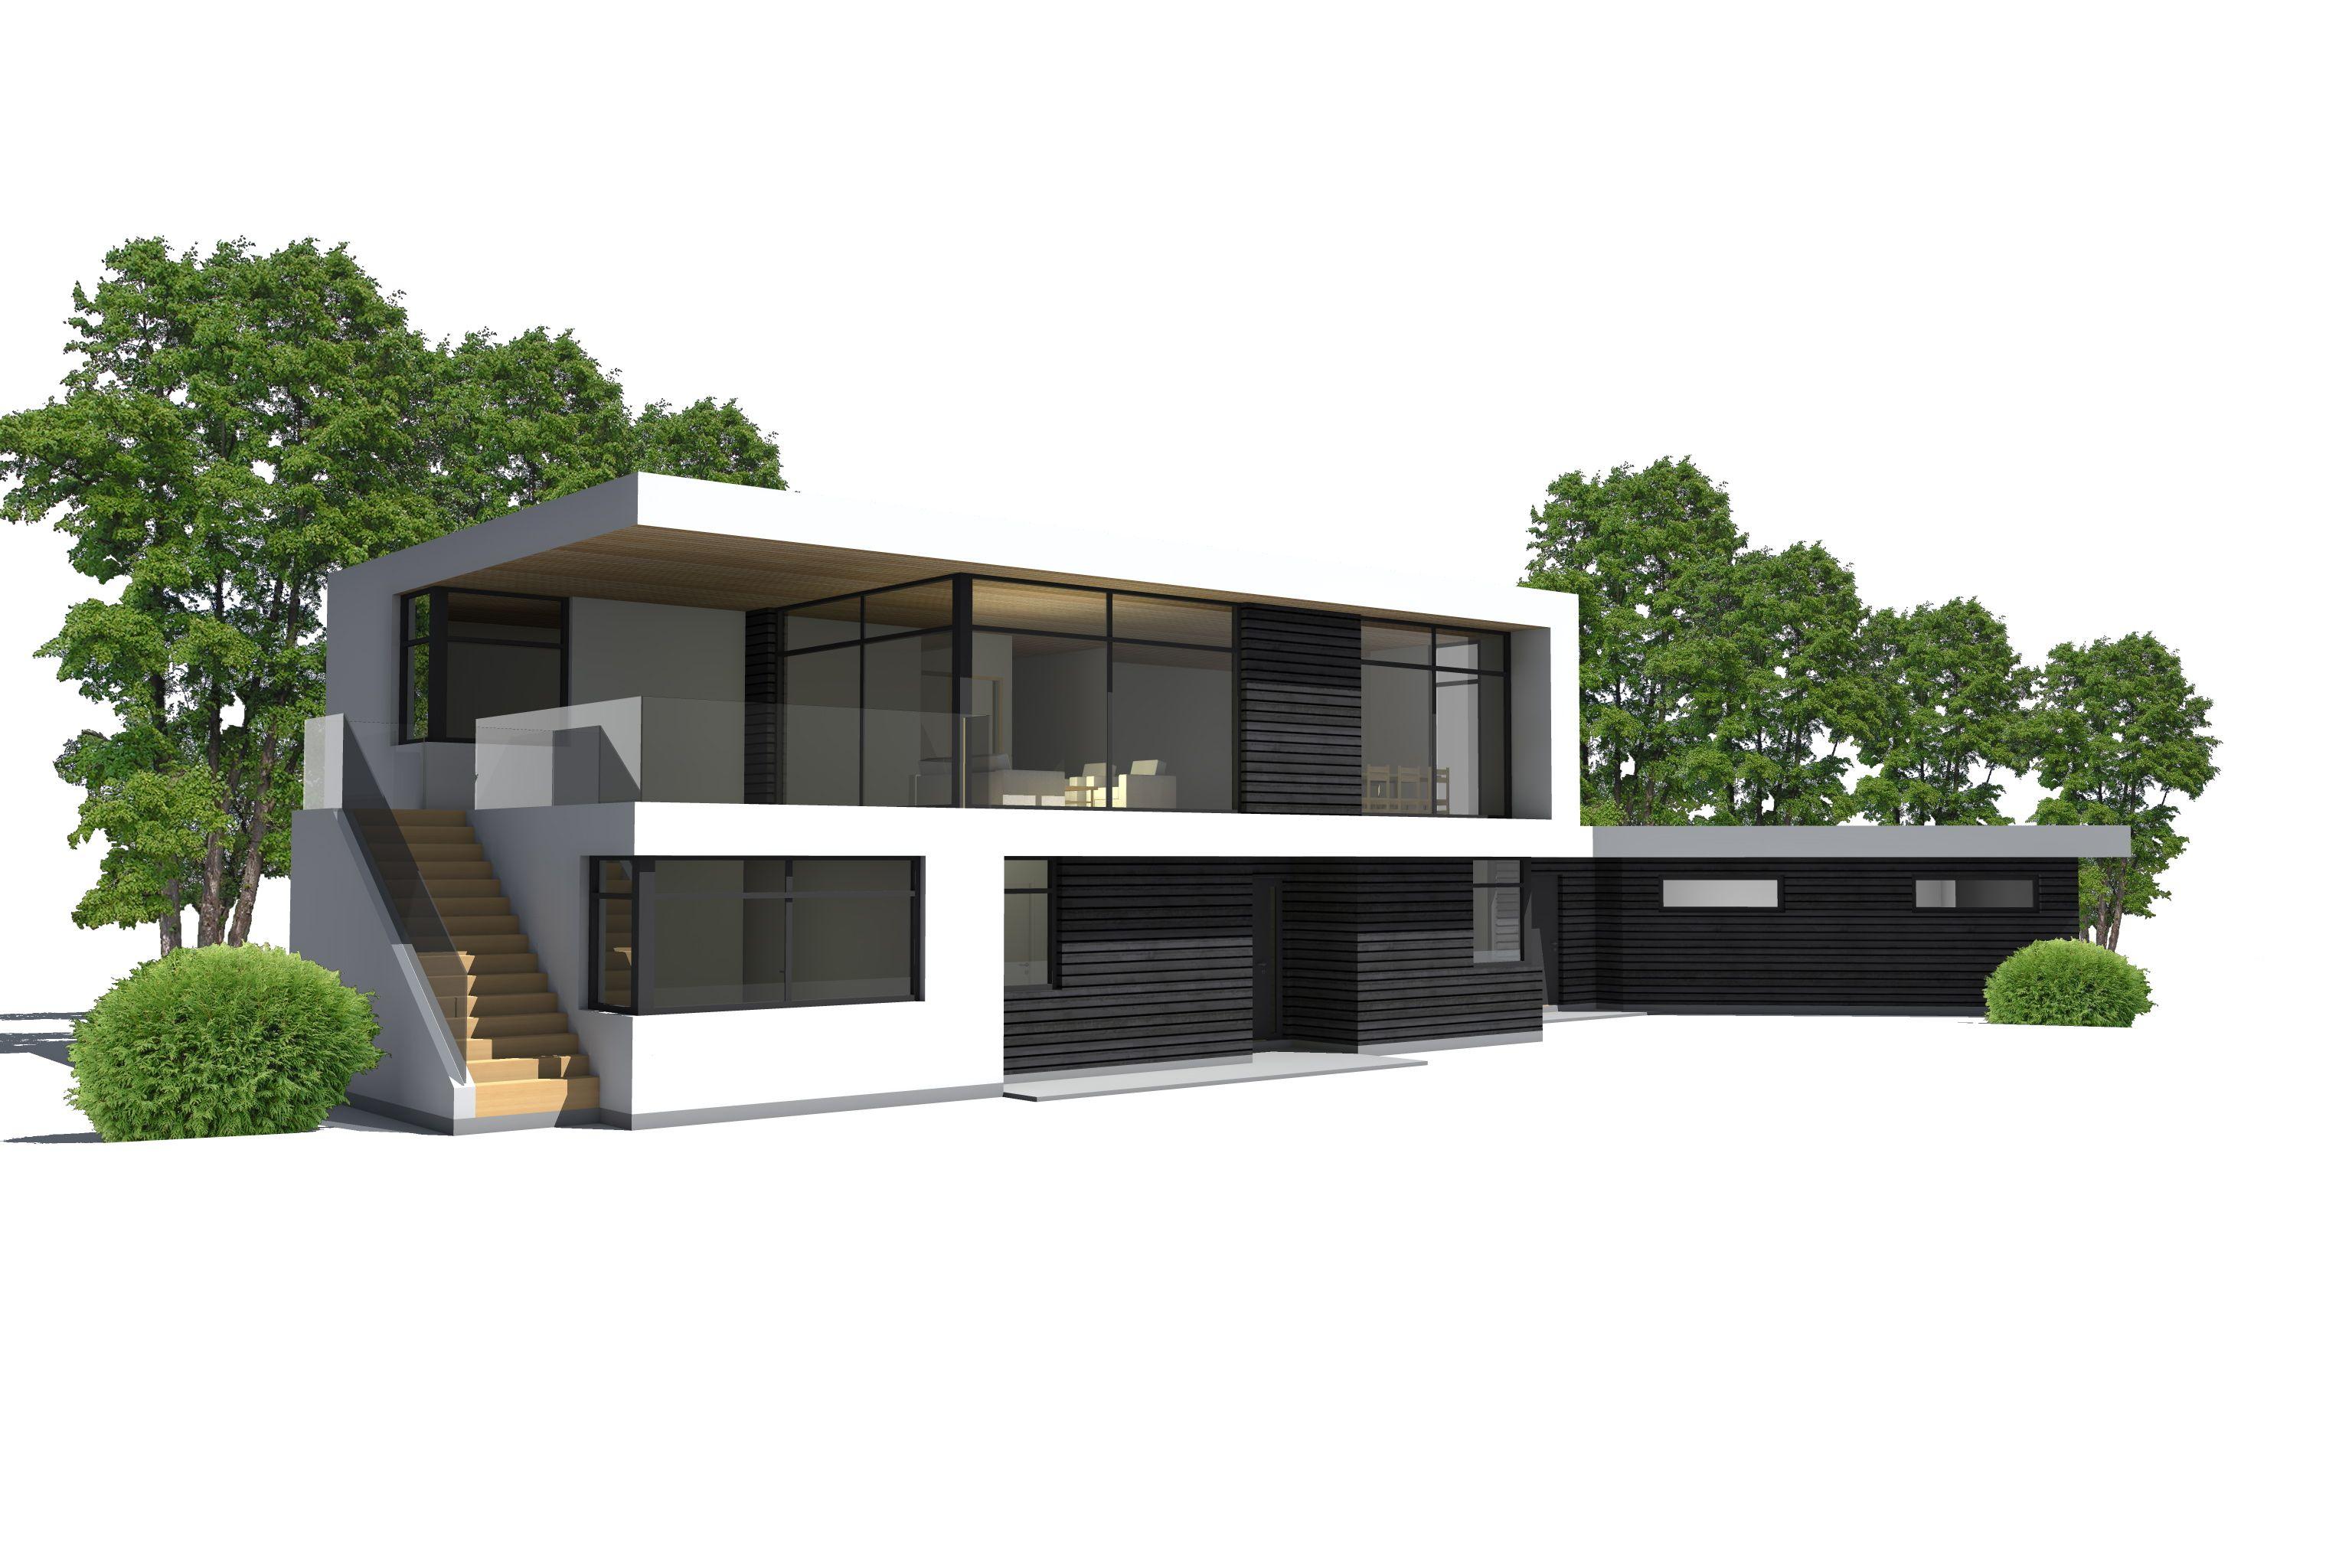 U- 610 - Urbanhus   House facade ideas   Pinterest   House facades ...